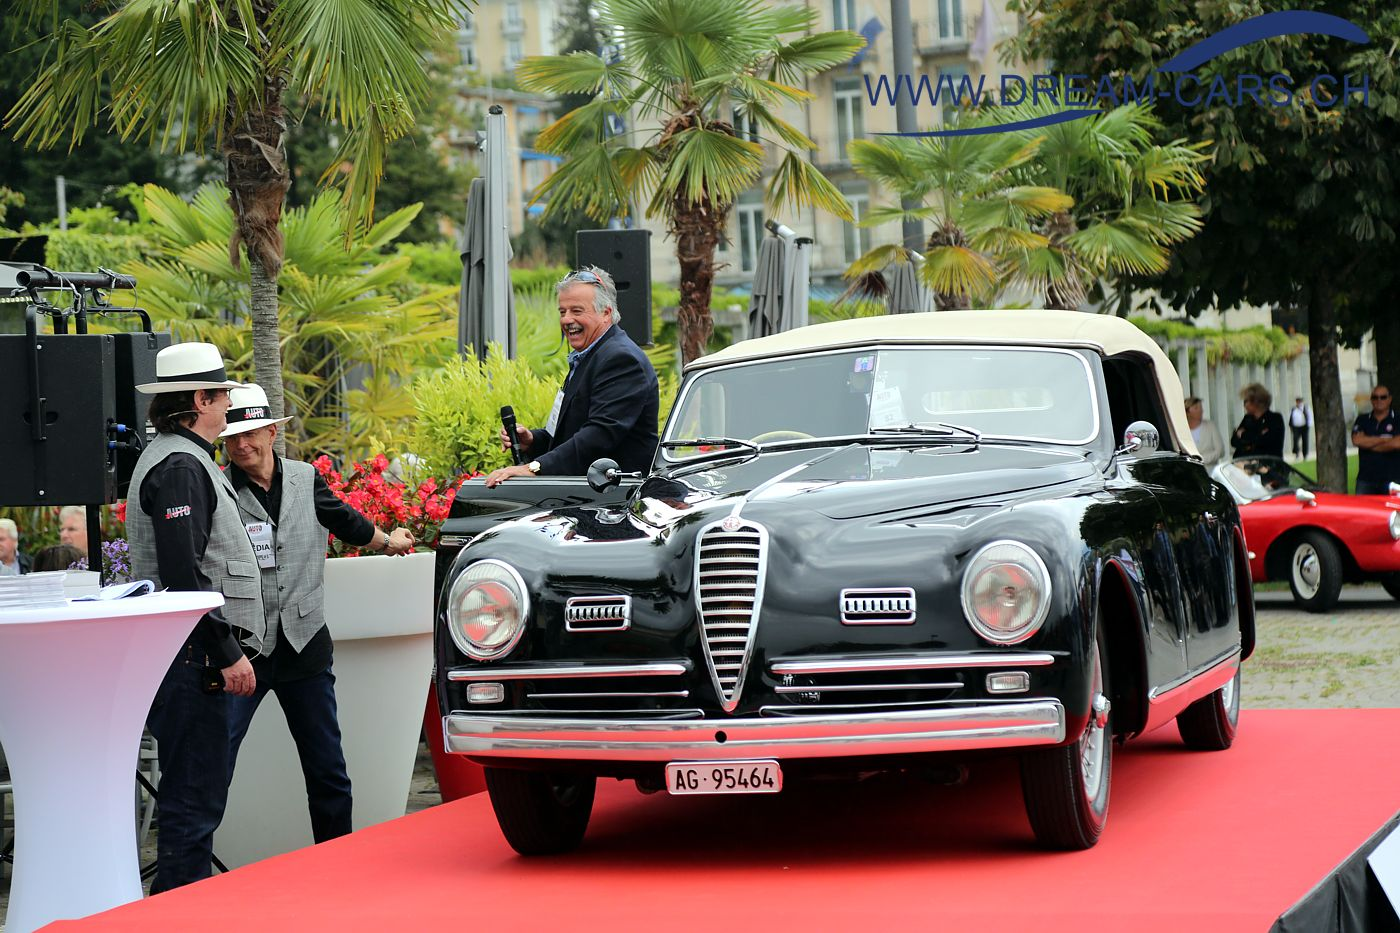 Concours d'Excellence Luzern, 17. September 2016. Peter Stettler kam mit dem wunderschönen und imposanten Alfa Romeo 6C 2500 Sport von 1949 nach Luzern